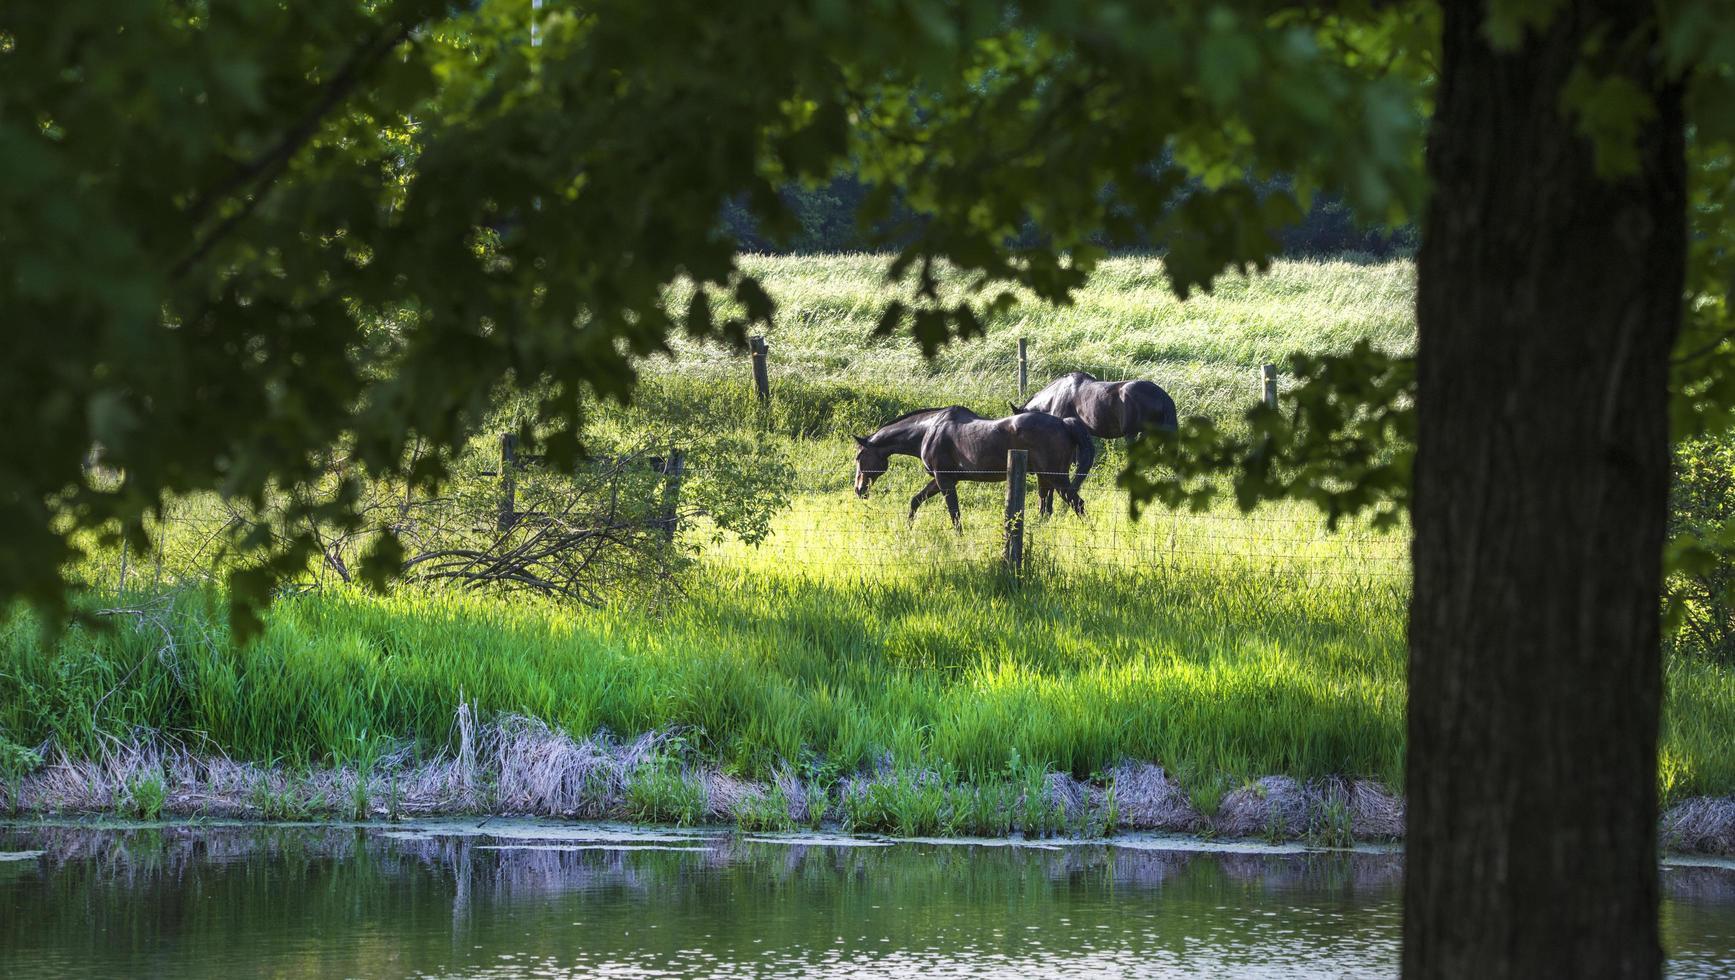 Vue à travers les arbres de chevaux noirs sur l'herbe verte photo